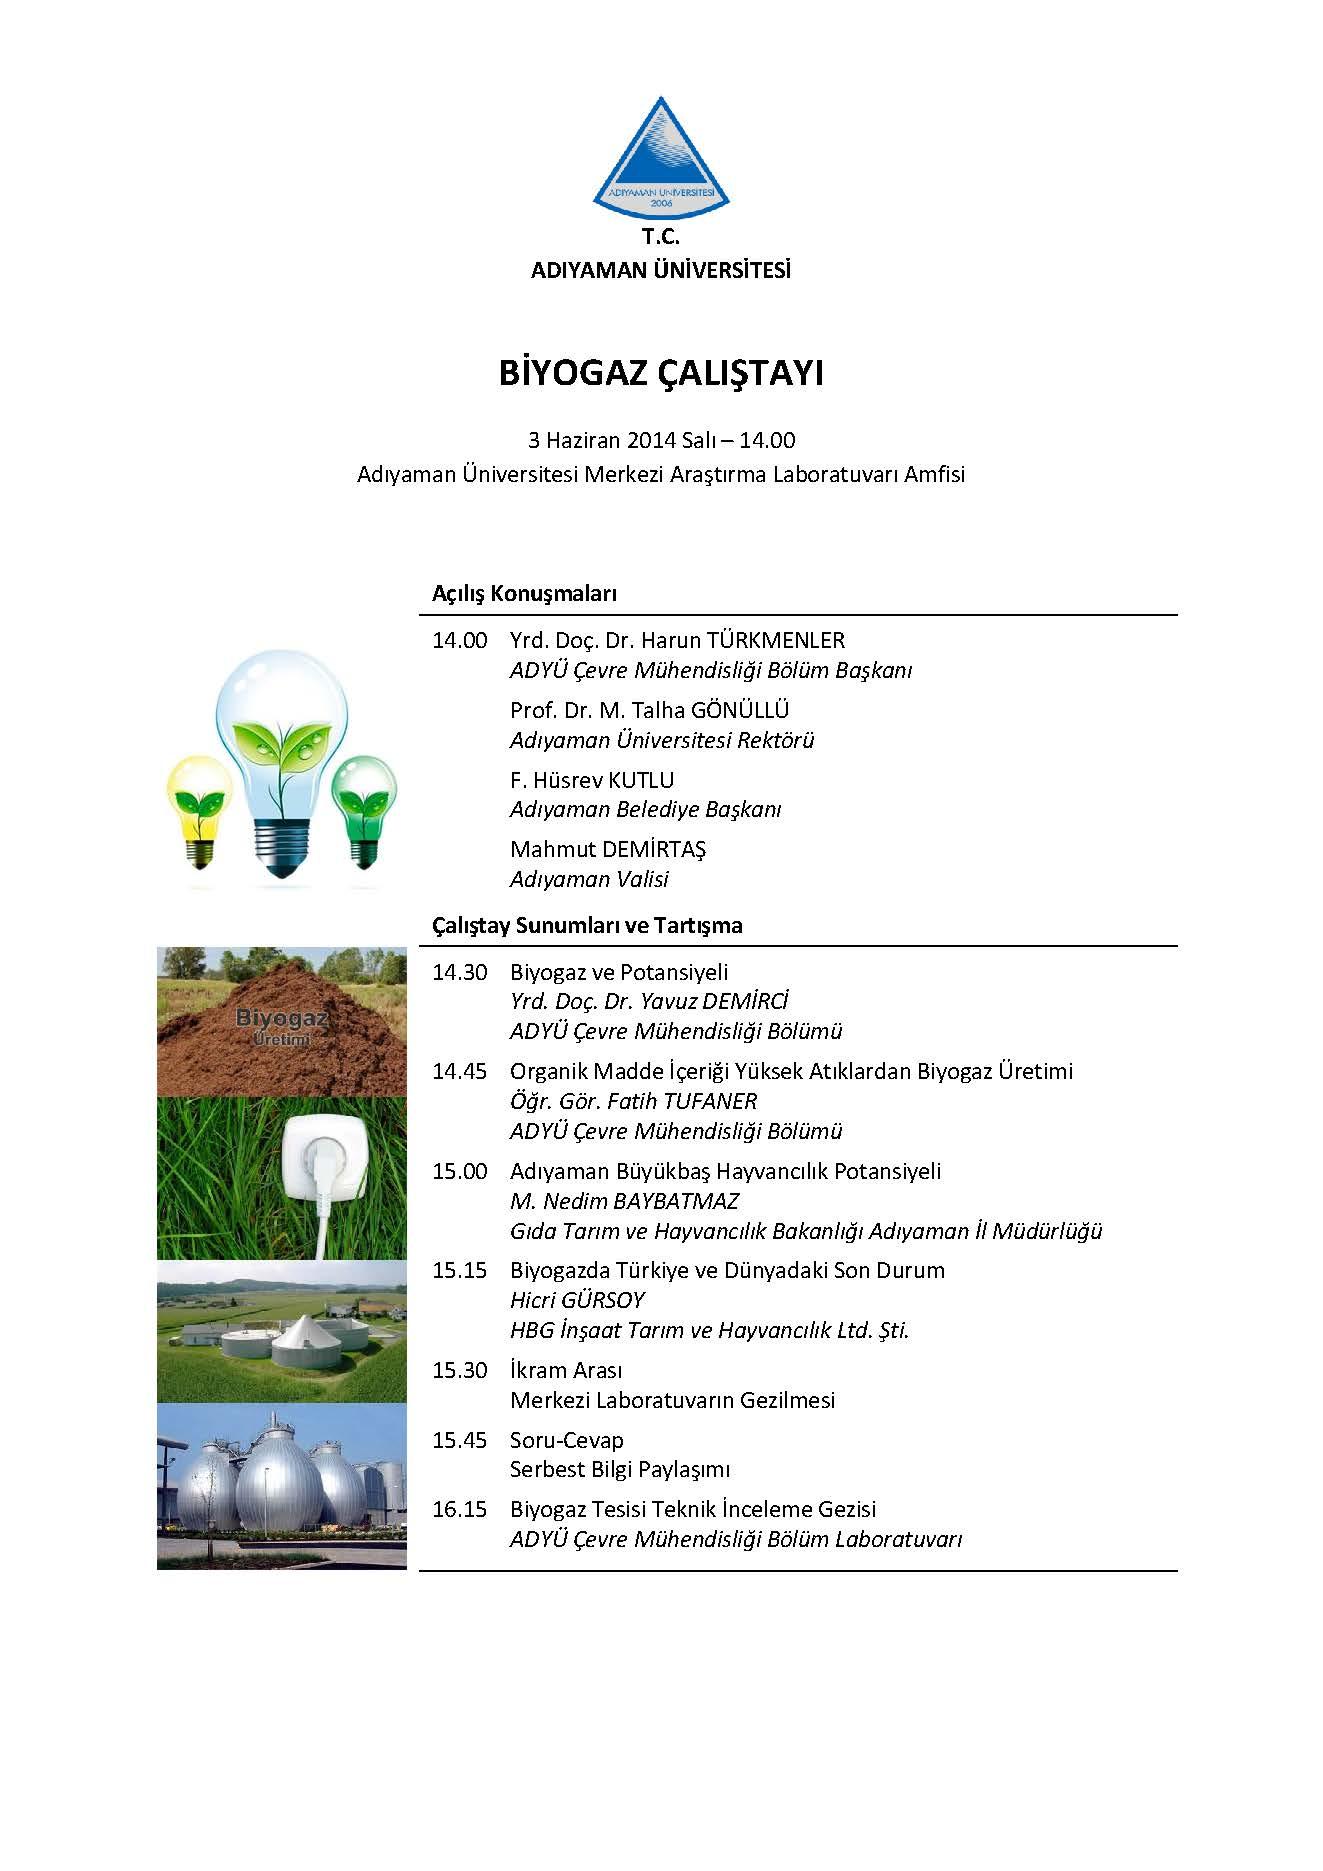 Biyogaz Çalıştay Programı